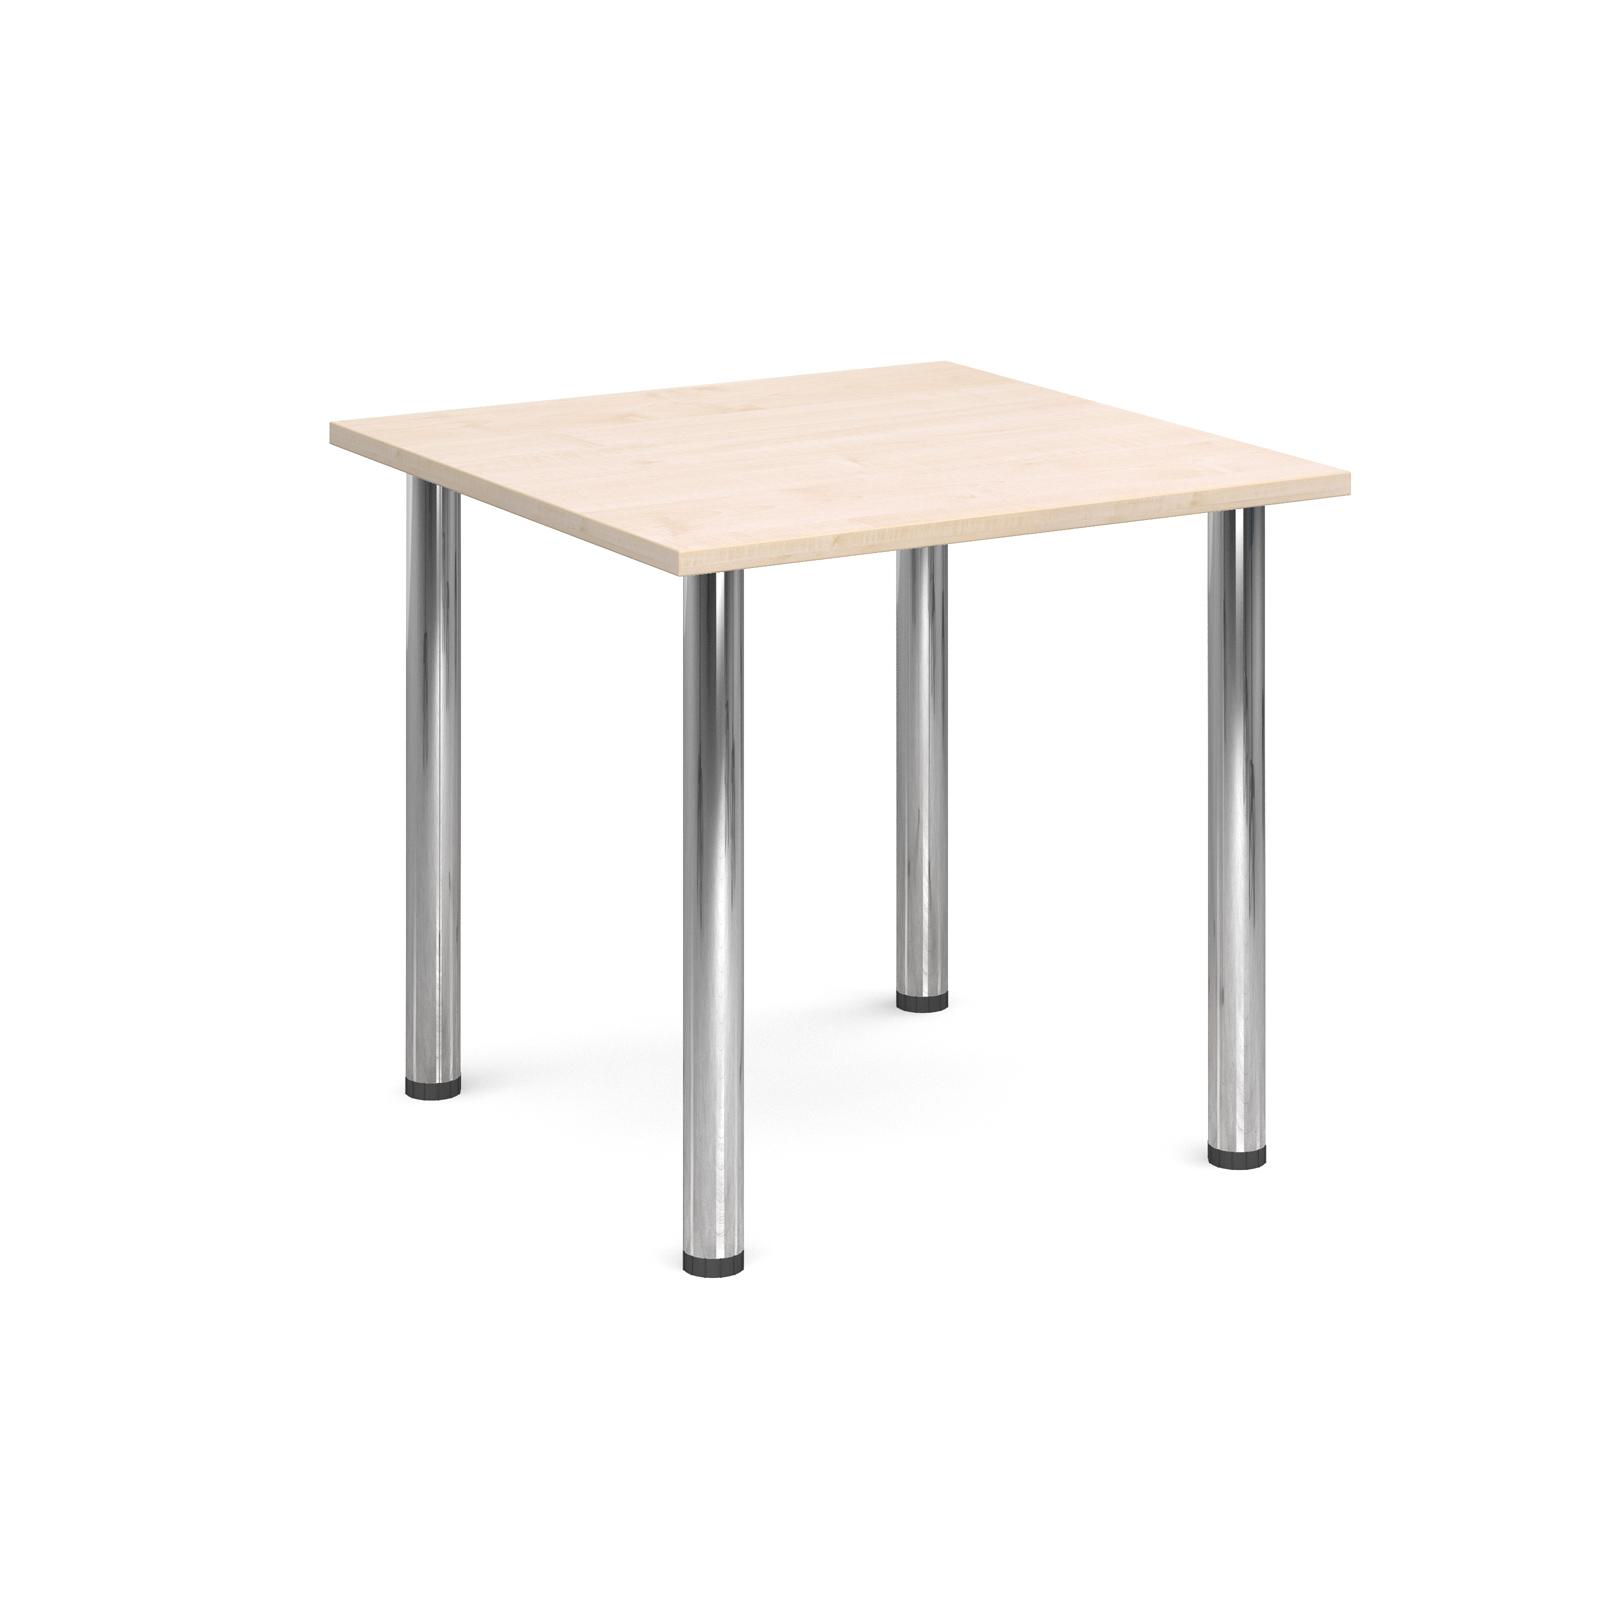 Rectangular deluxe chrome radial leg table 800mm x 800mm - maple